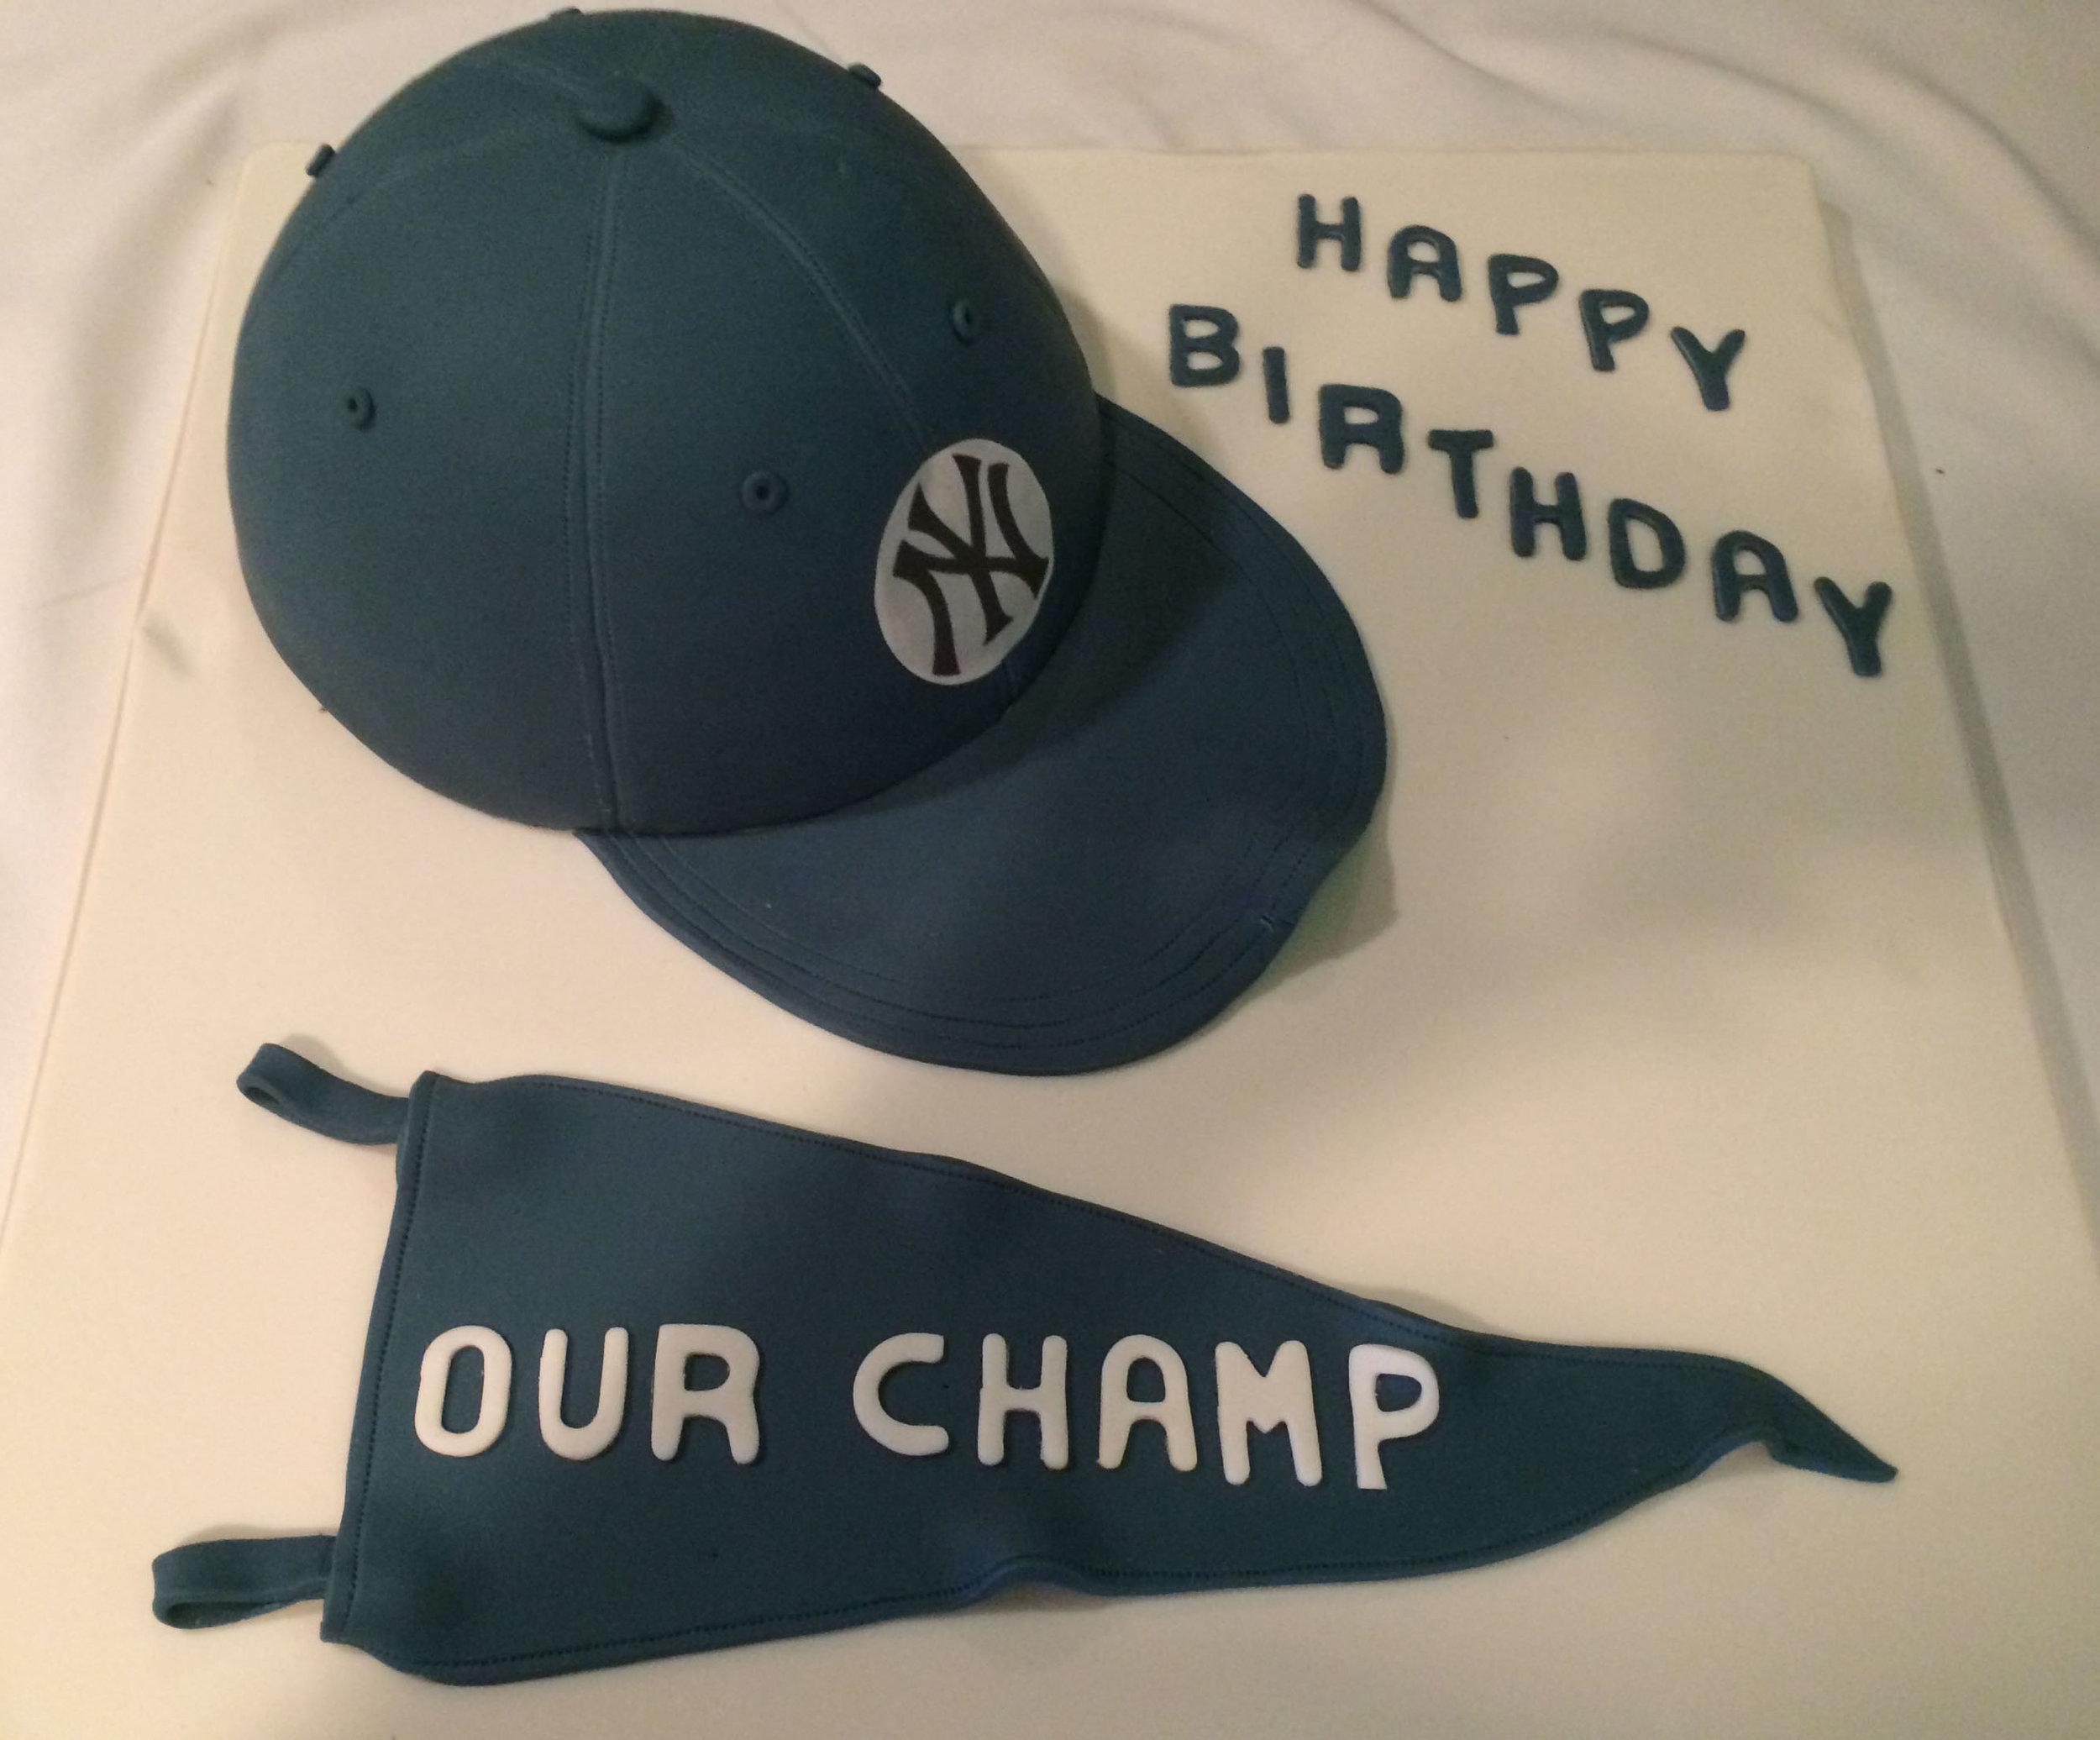 Happy birthday - from a fan